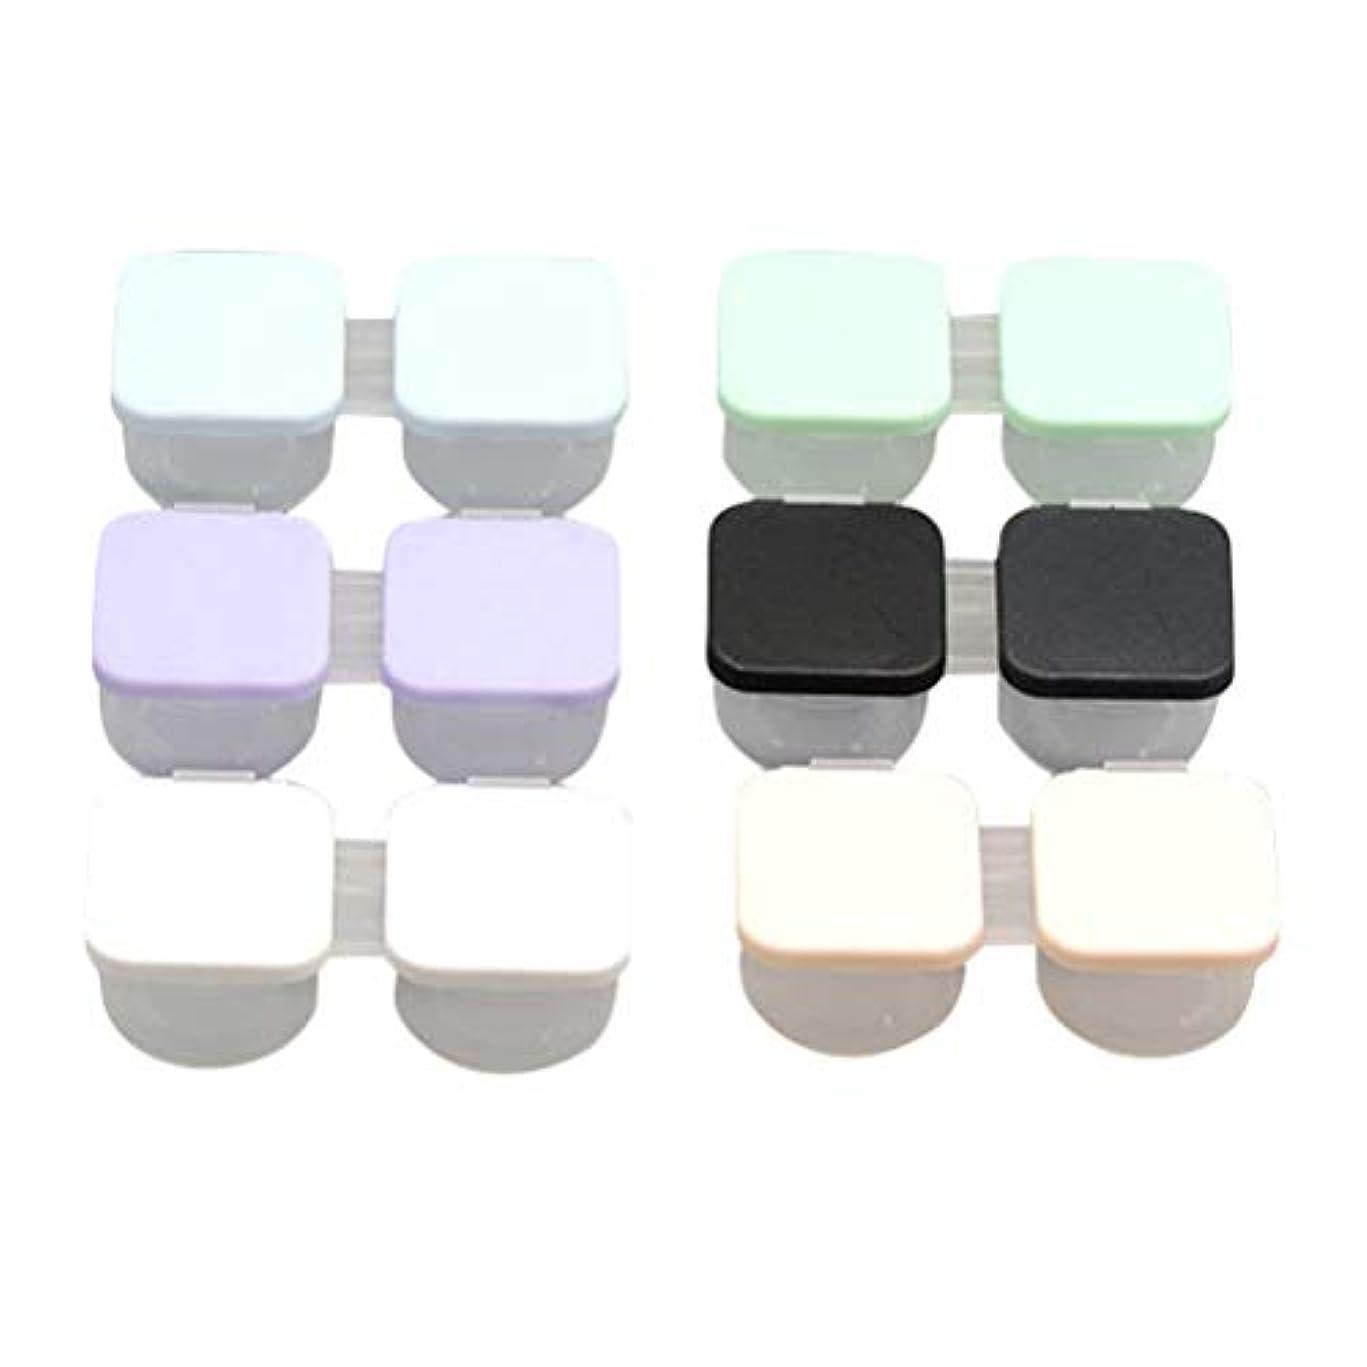 リマ覚えているドリルSUPVOX コンタクトケース ケアパレット 保存ケース プラスチック製 軽量 安全6個入(混色)